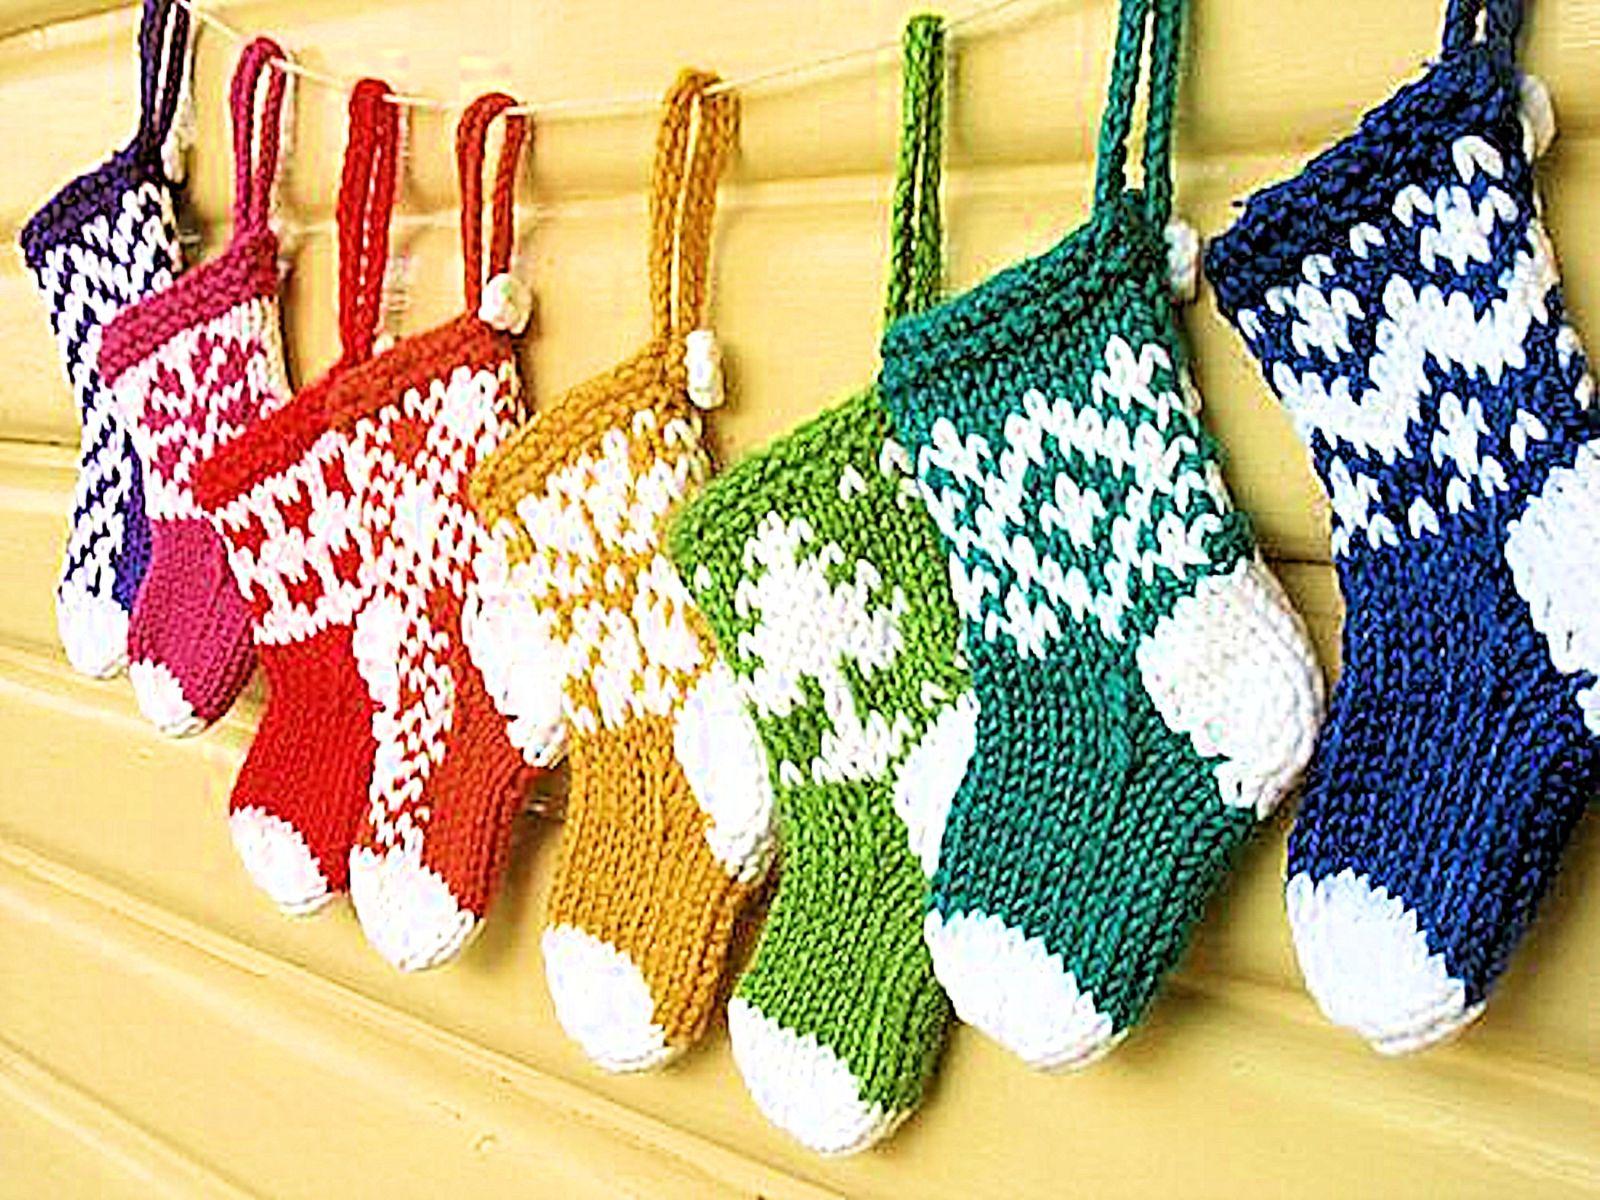 【棒針:かぎ針】2016年「編みたいリスト」に追加したくなる!クリスマス×編み物34選